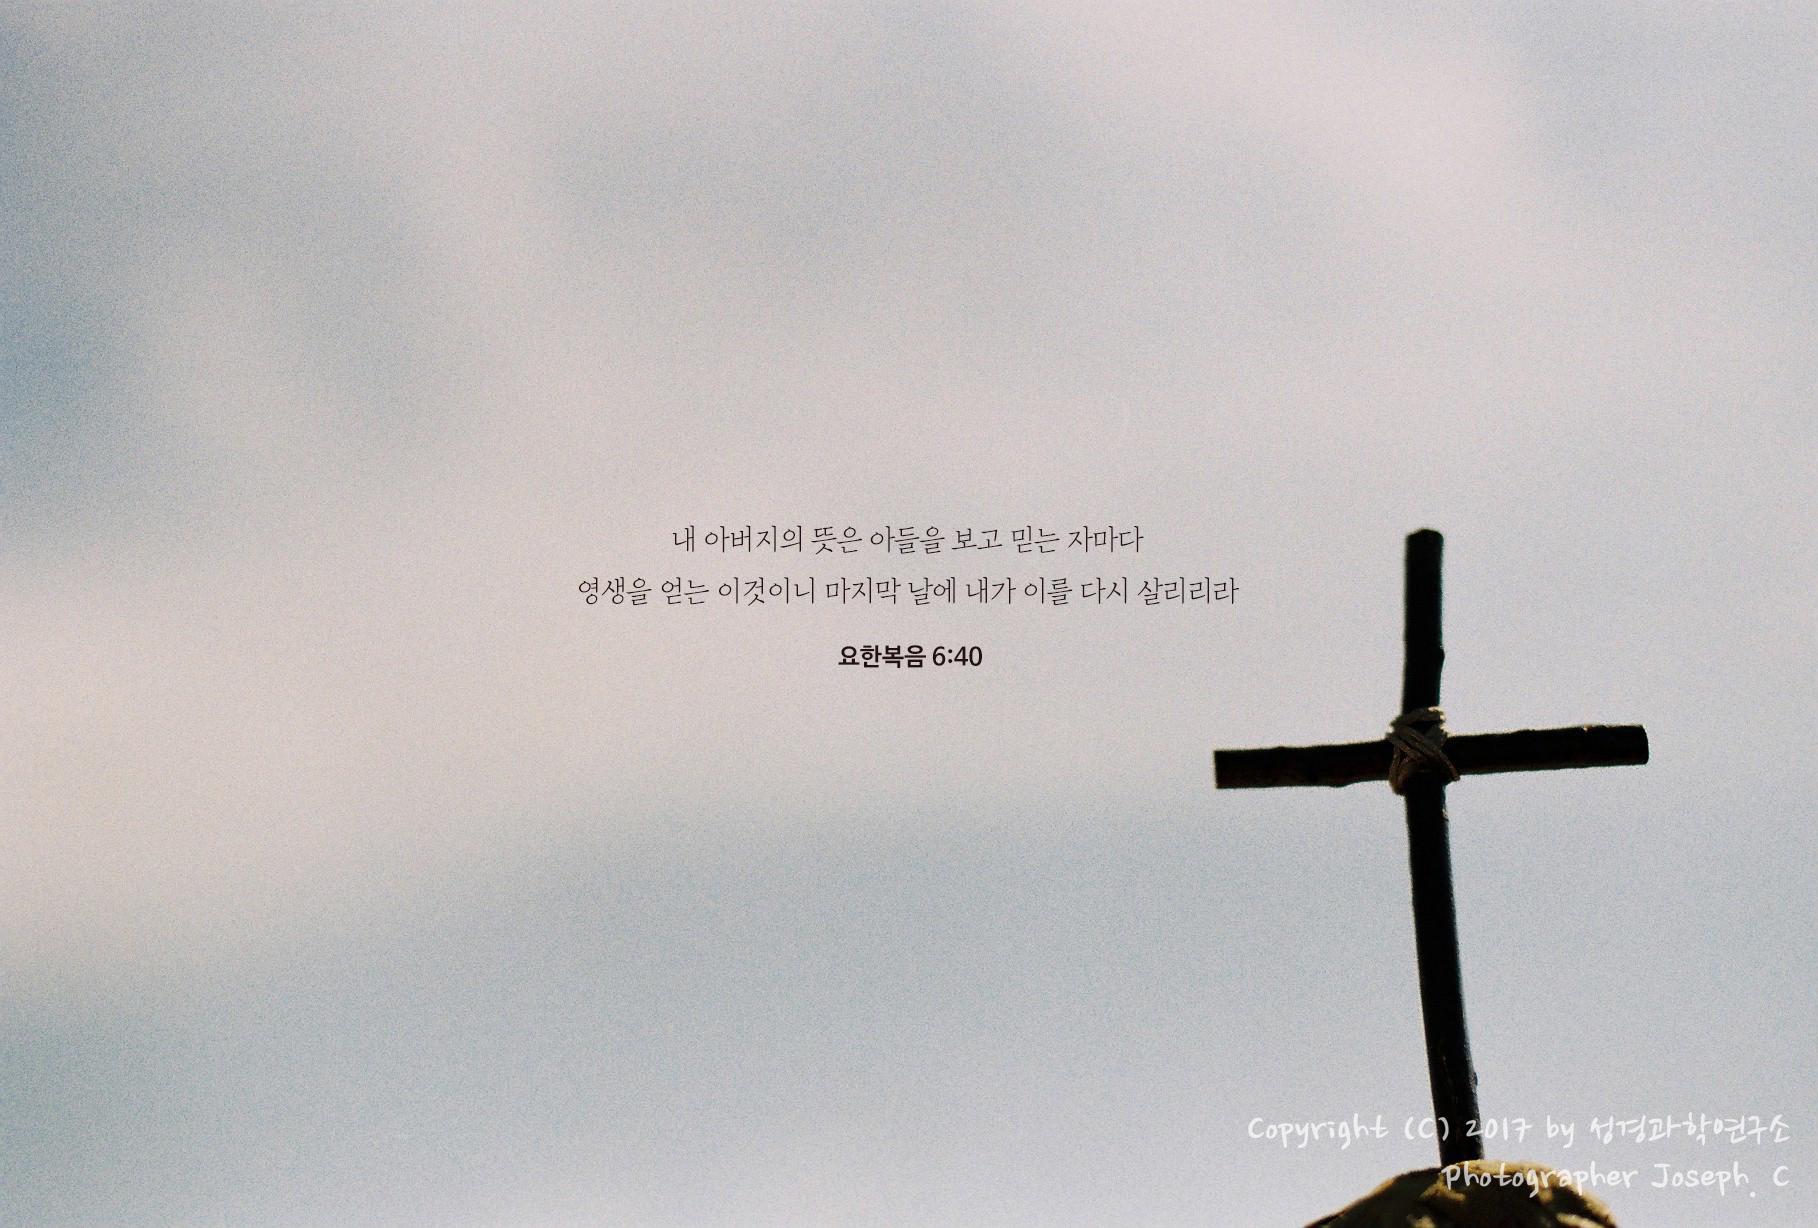 자막_15